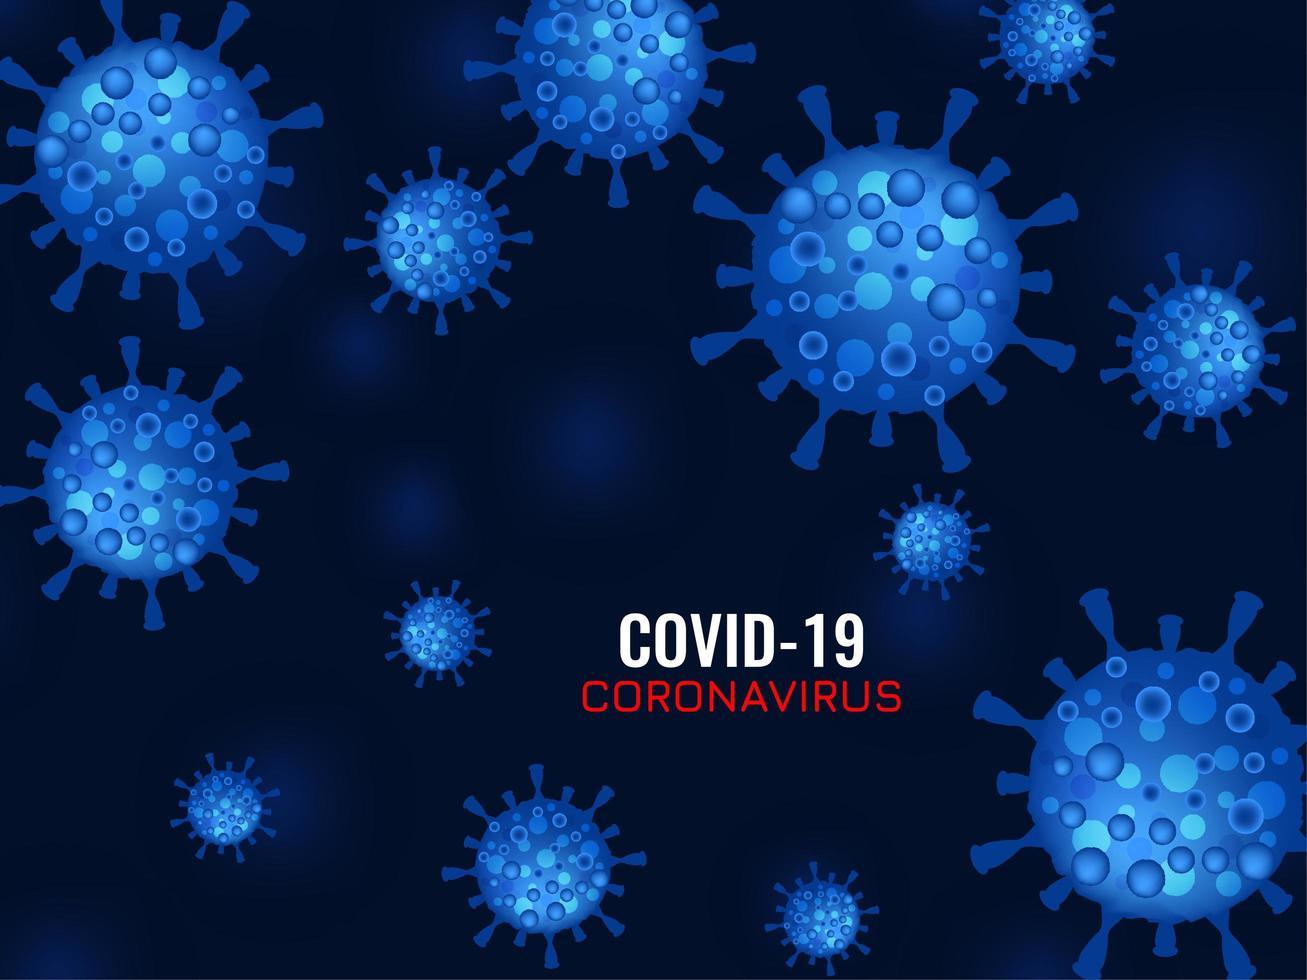 abstrakter Covid-19-Coronavirus-Hintergrund vektor